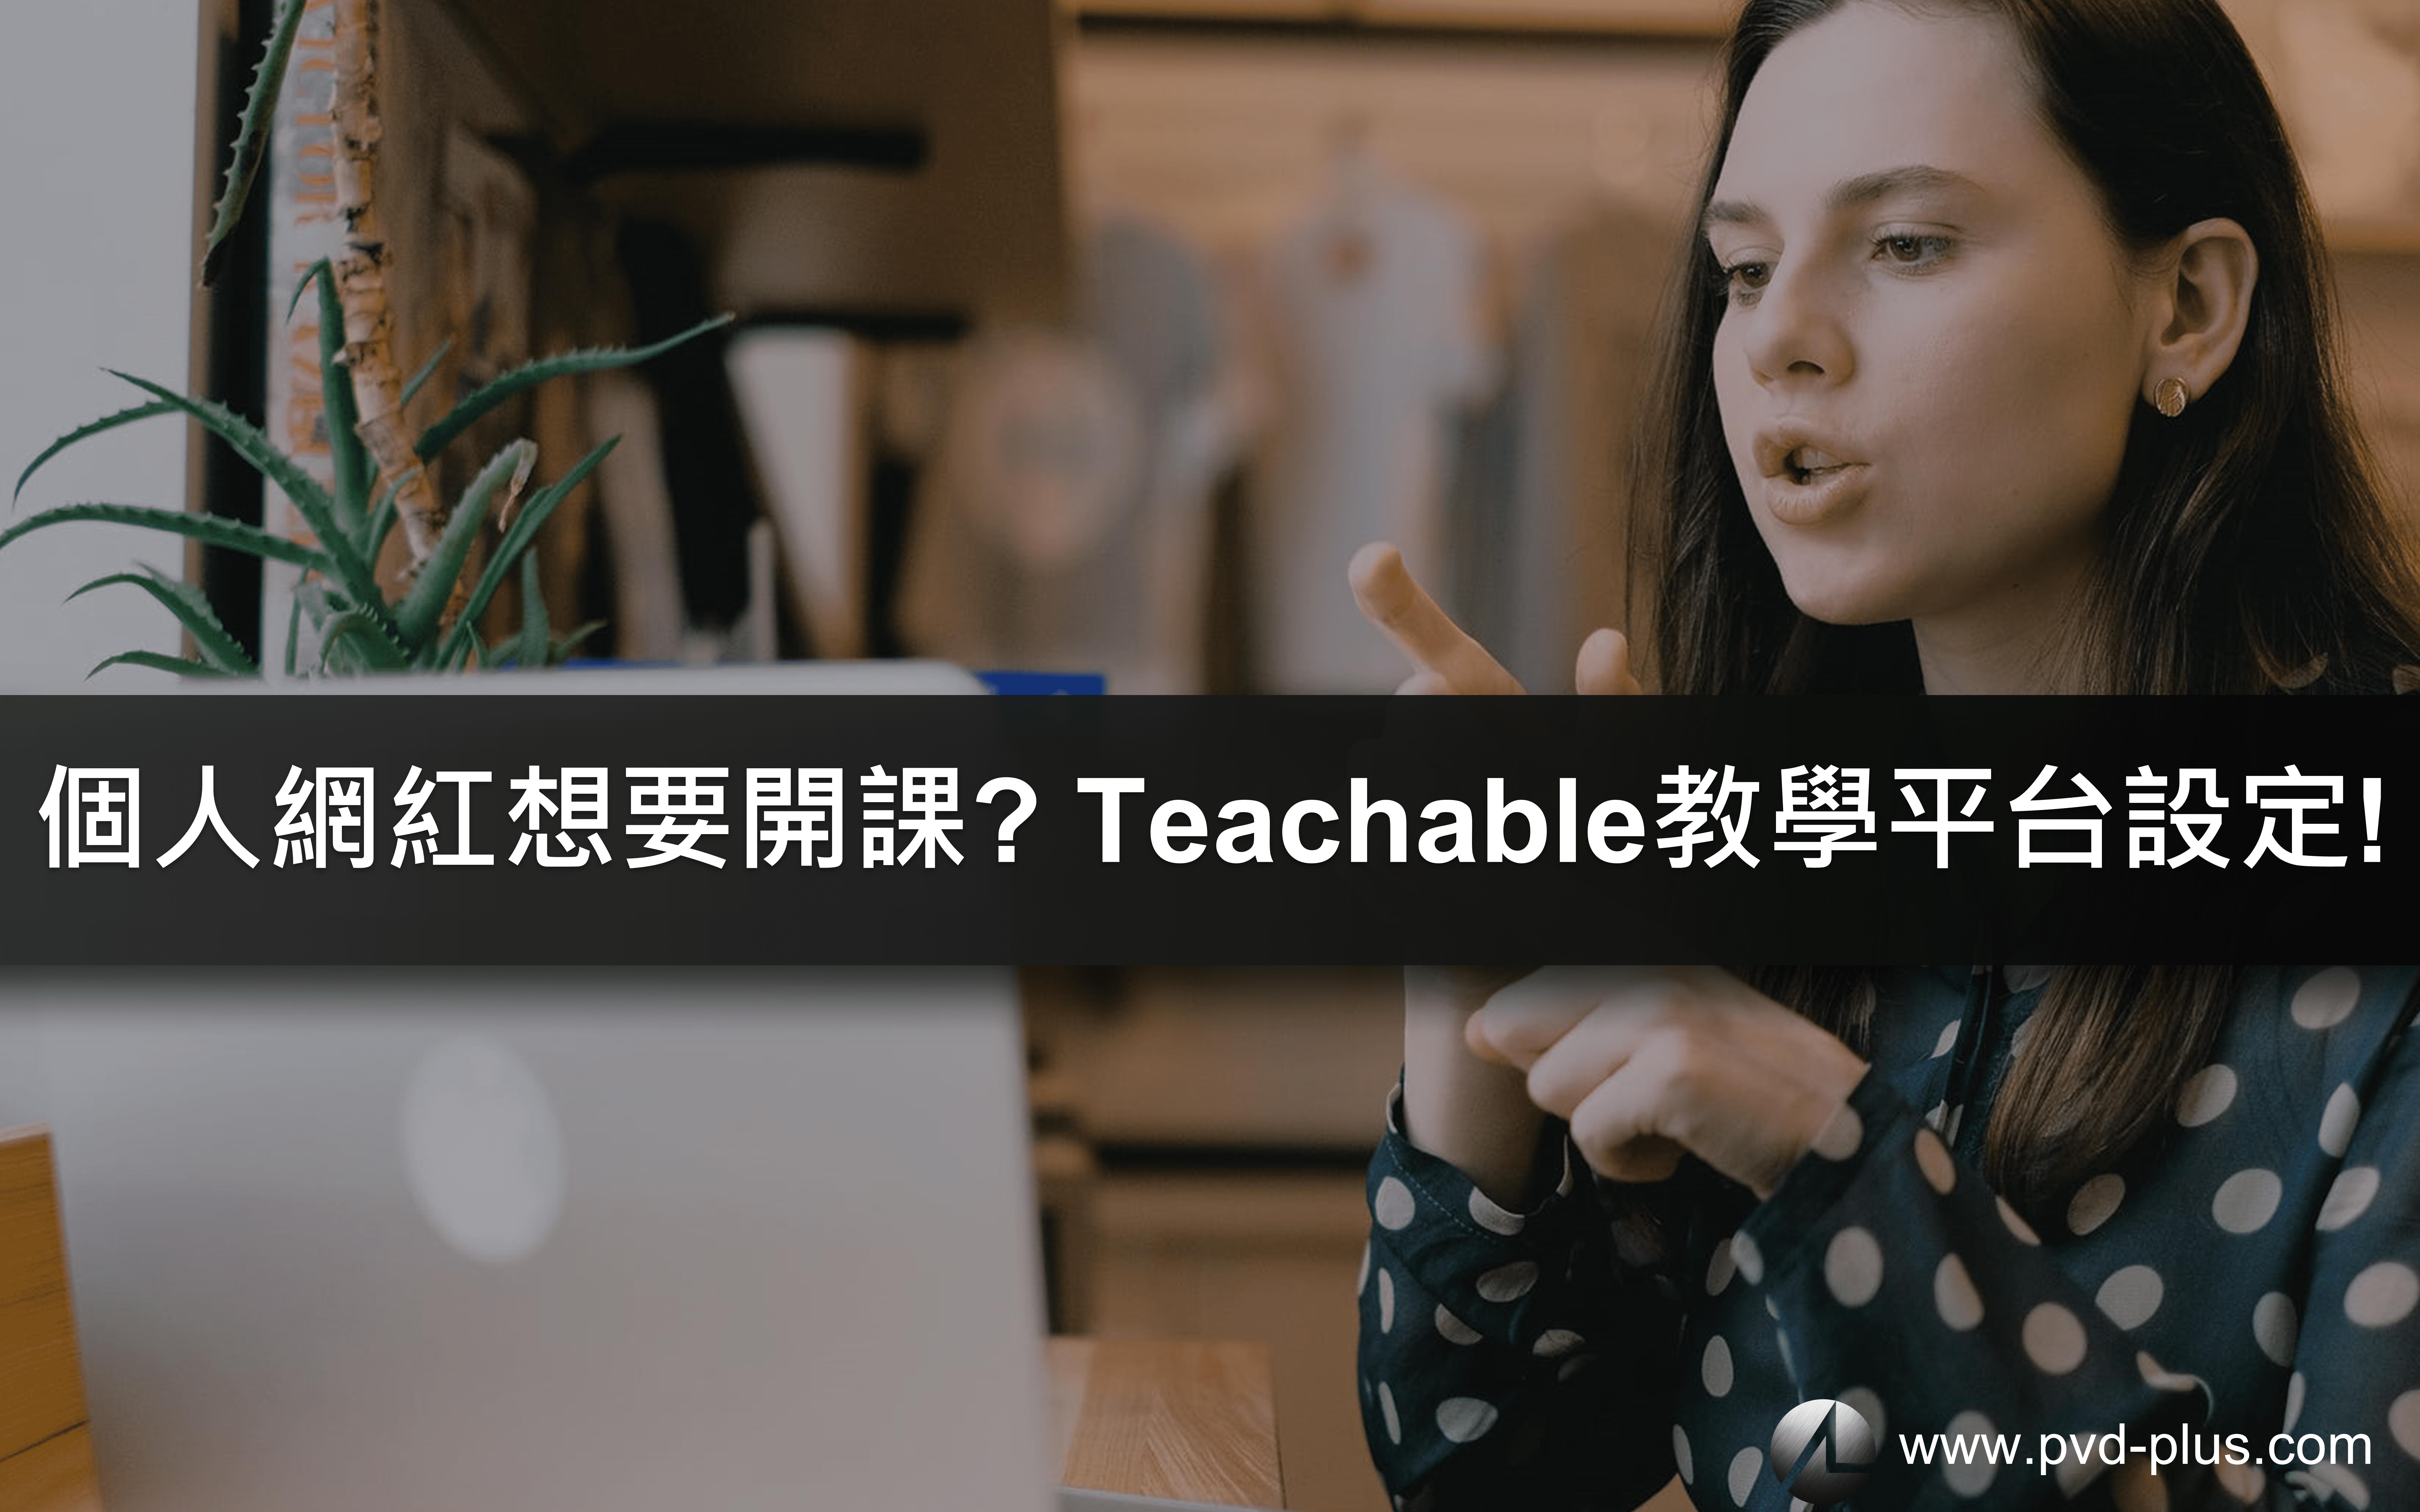 網紅如何自己開課? 自己架設線上課平台 Teachable 打造專屬的自媒體培訓網站!